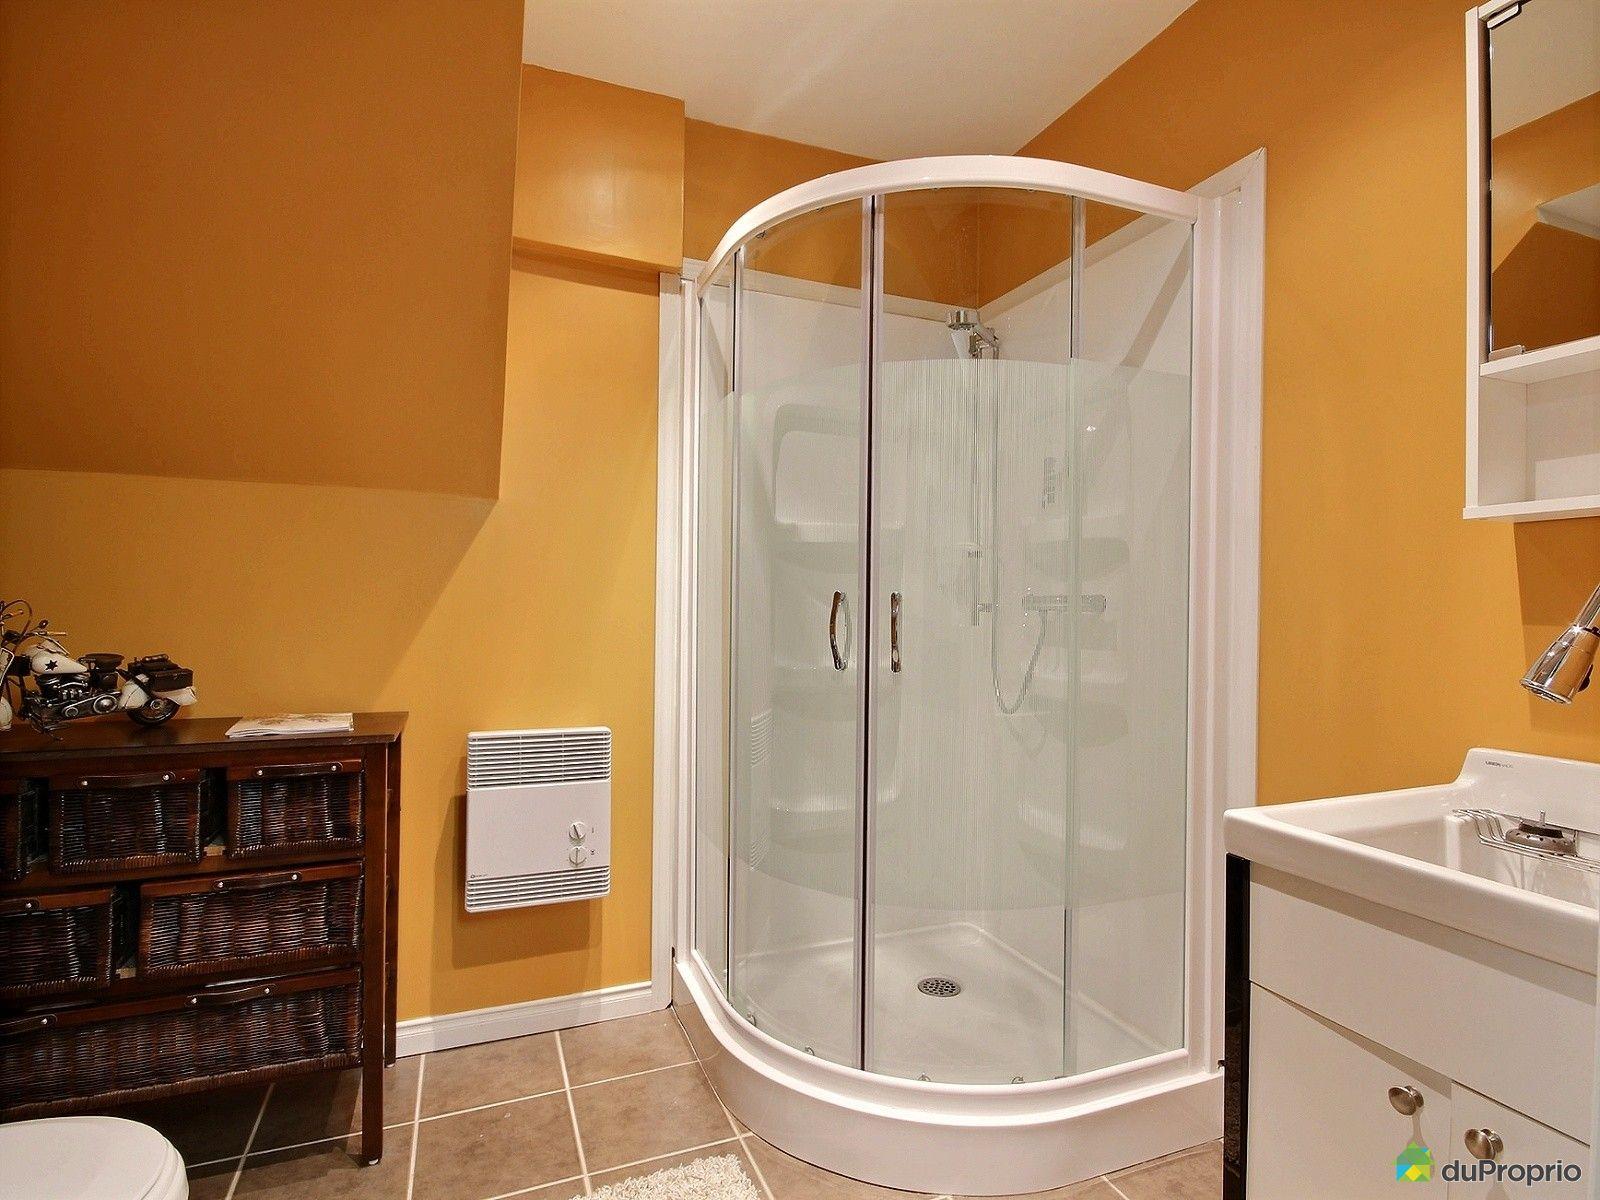 Maison vendu donnacona immobilier qu bec duproprio 314978 for Plancher salle de bain sous sol